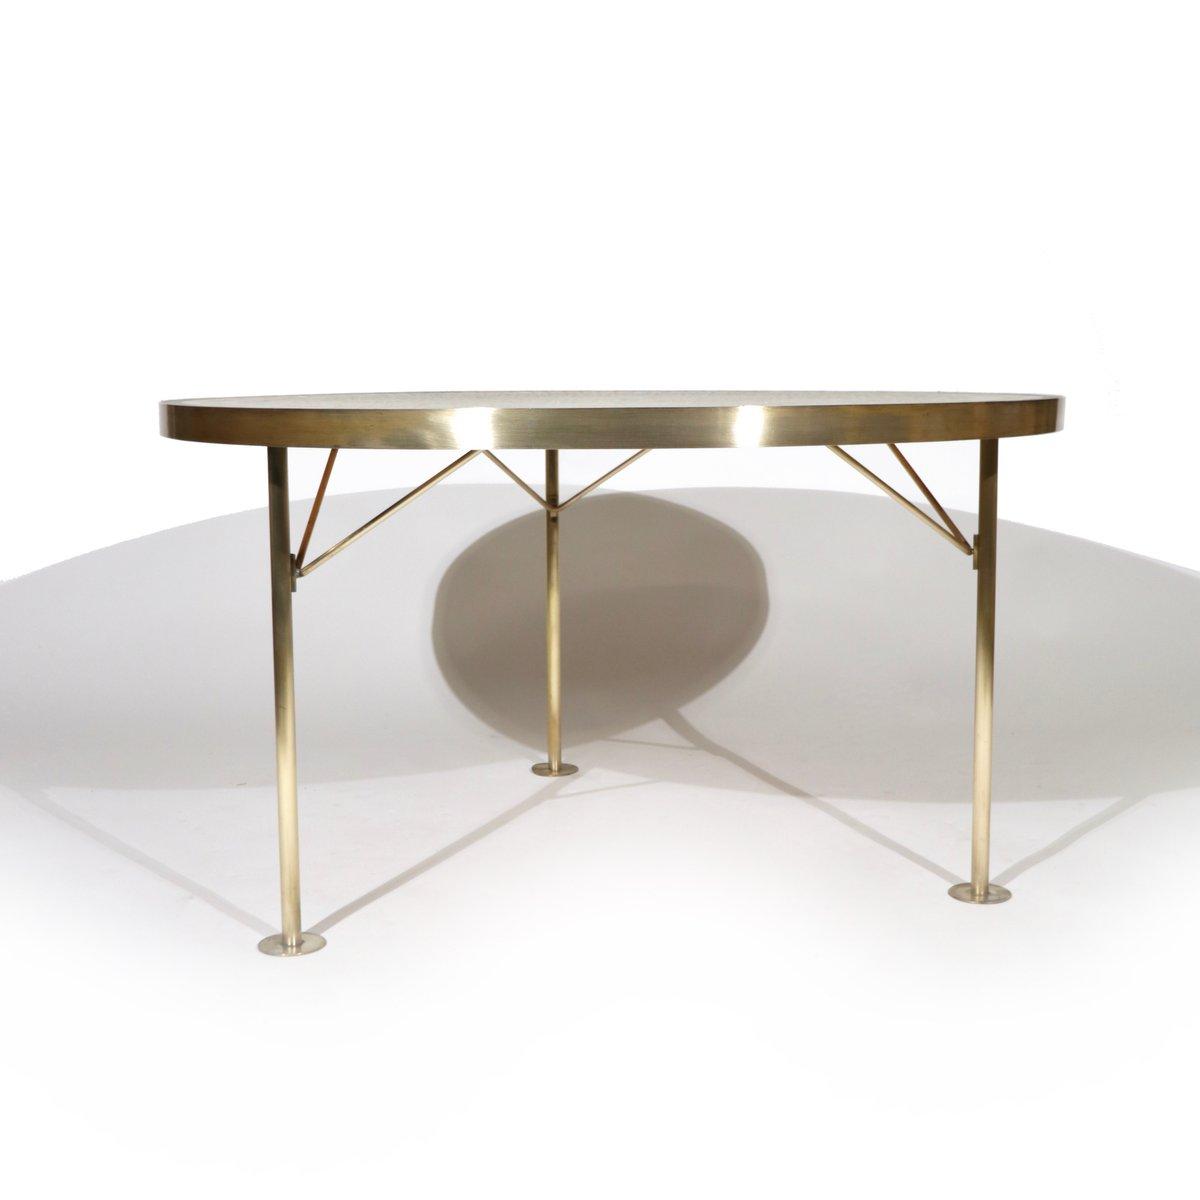 table basse avec plateau en mosa que allemagne 1950s en vente sur pamono. Black Bedroom Furniture Sets. Home Design Ideas